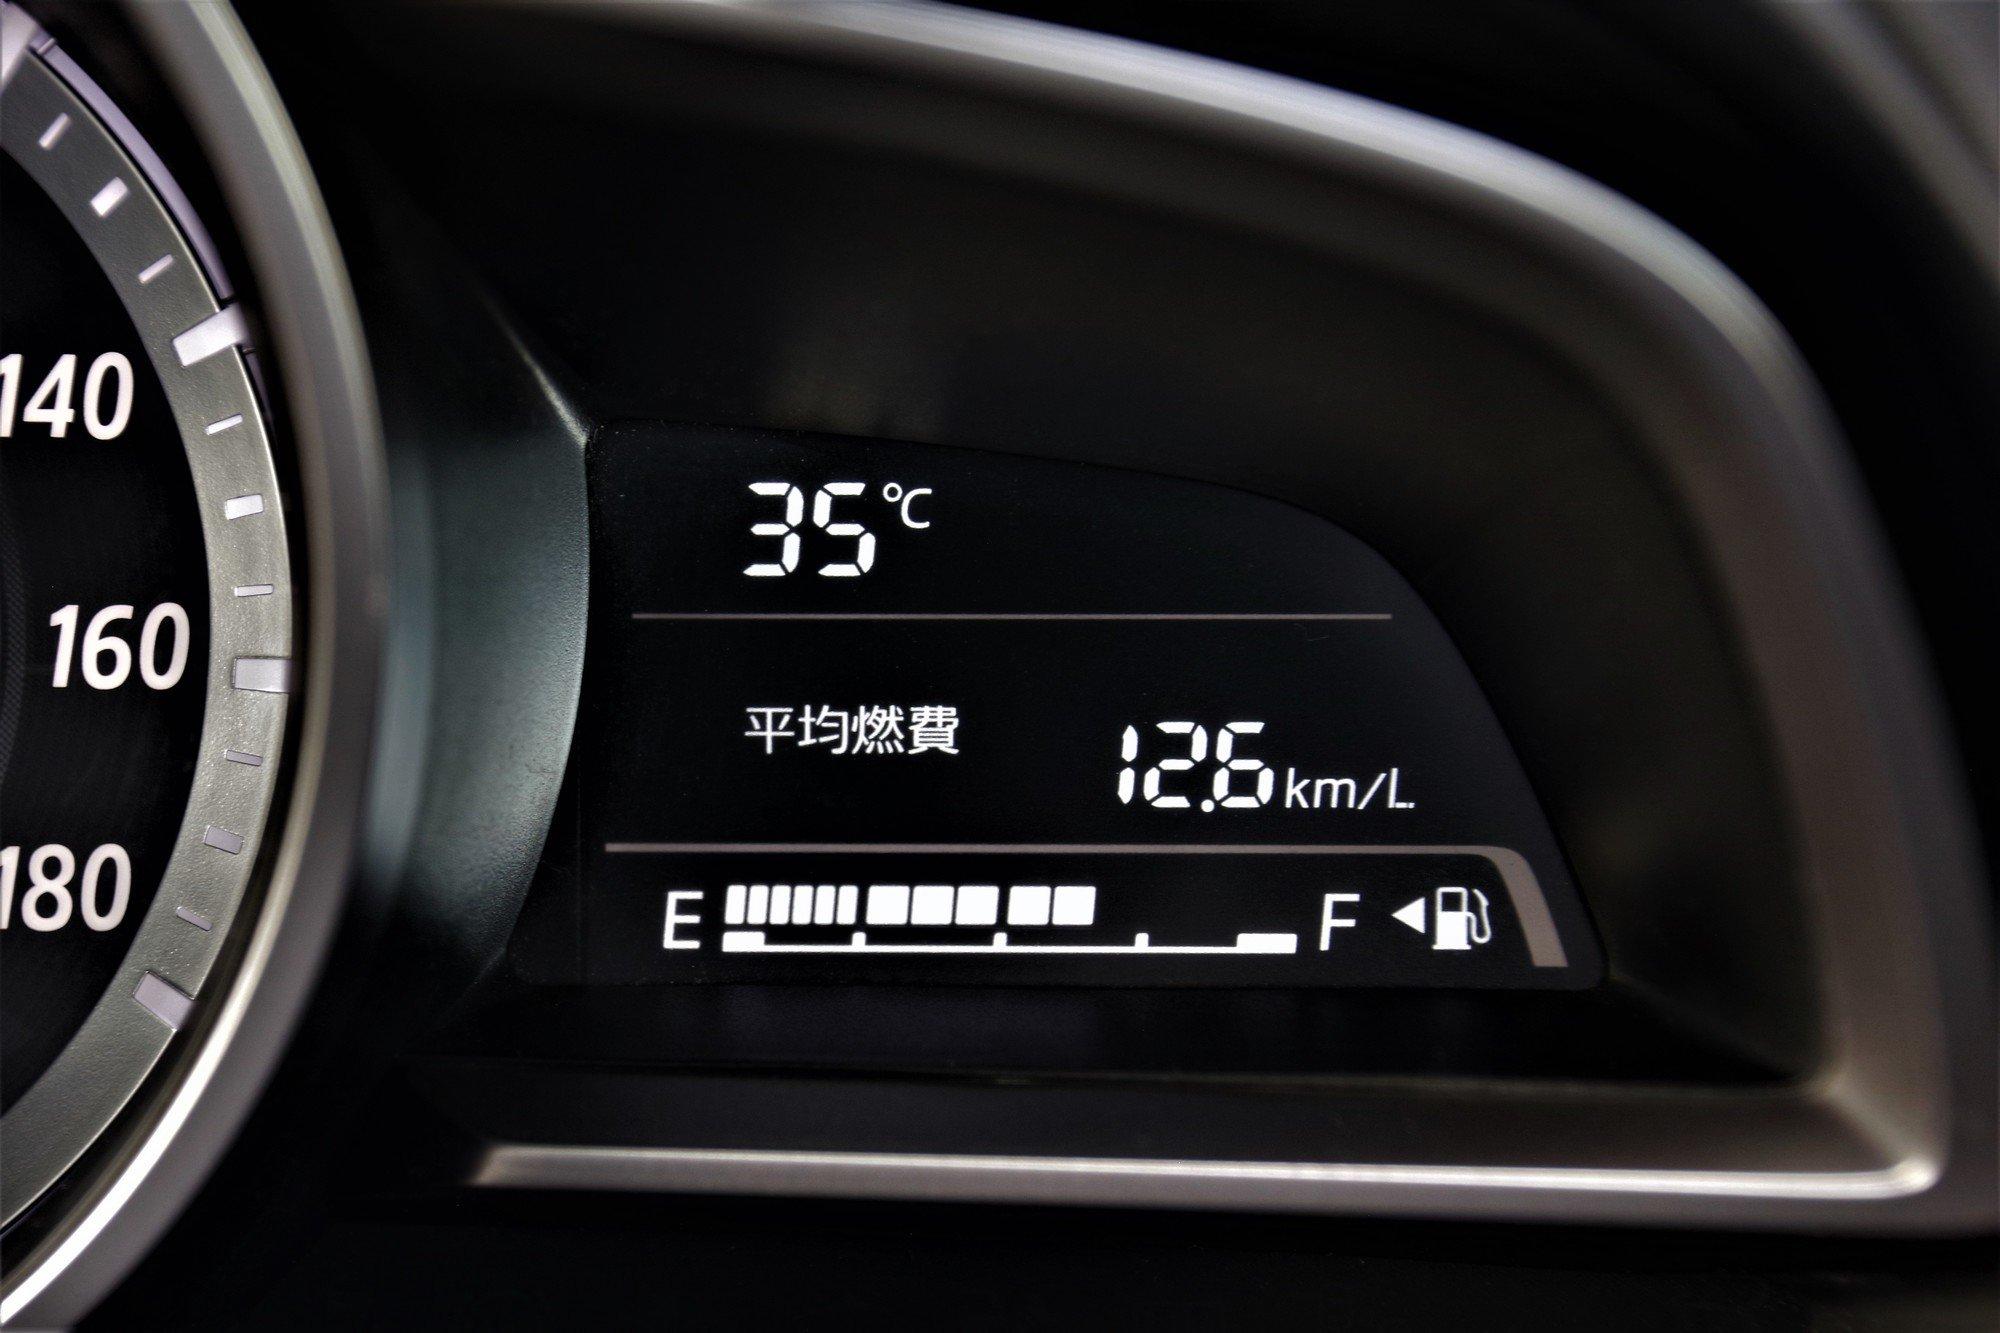 クルマのメータ上の燃費表示の画像